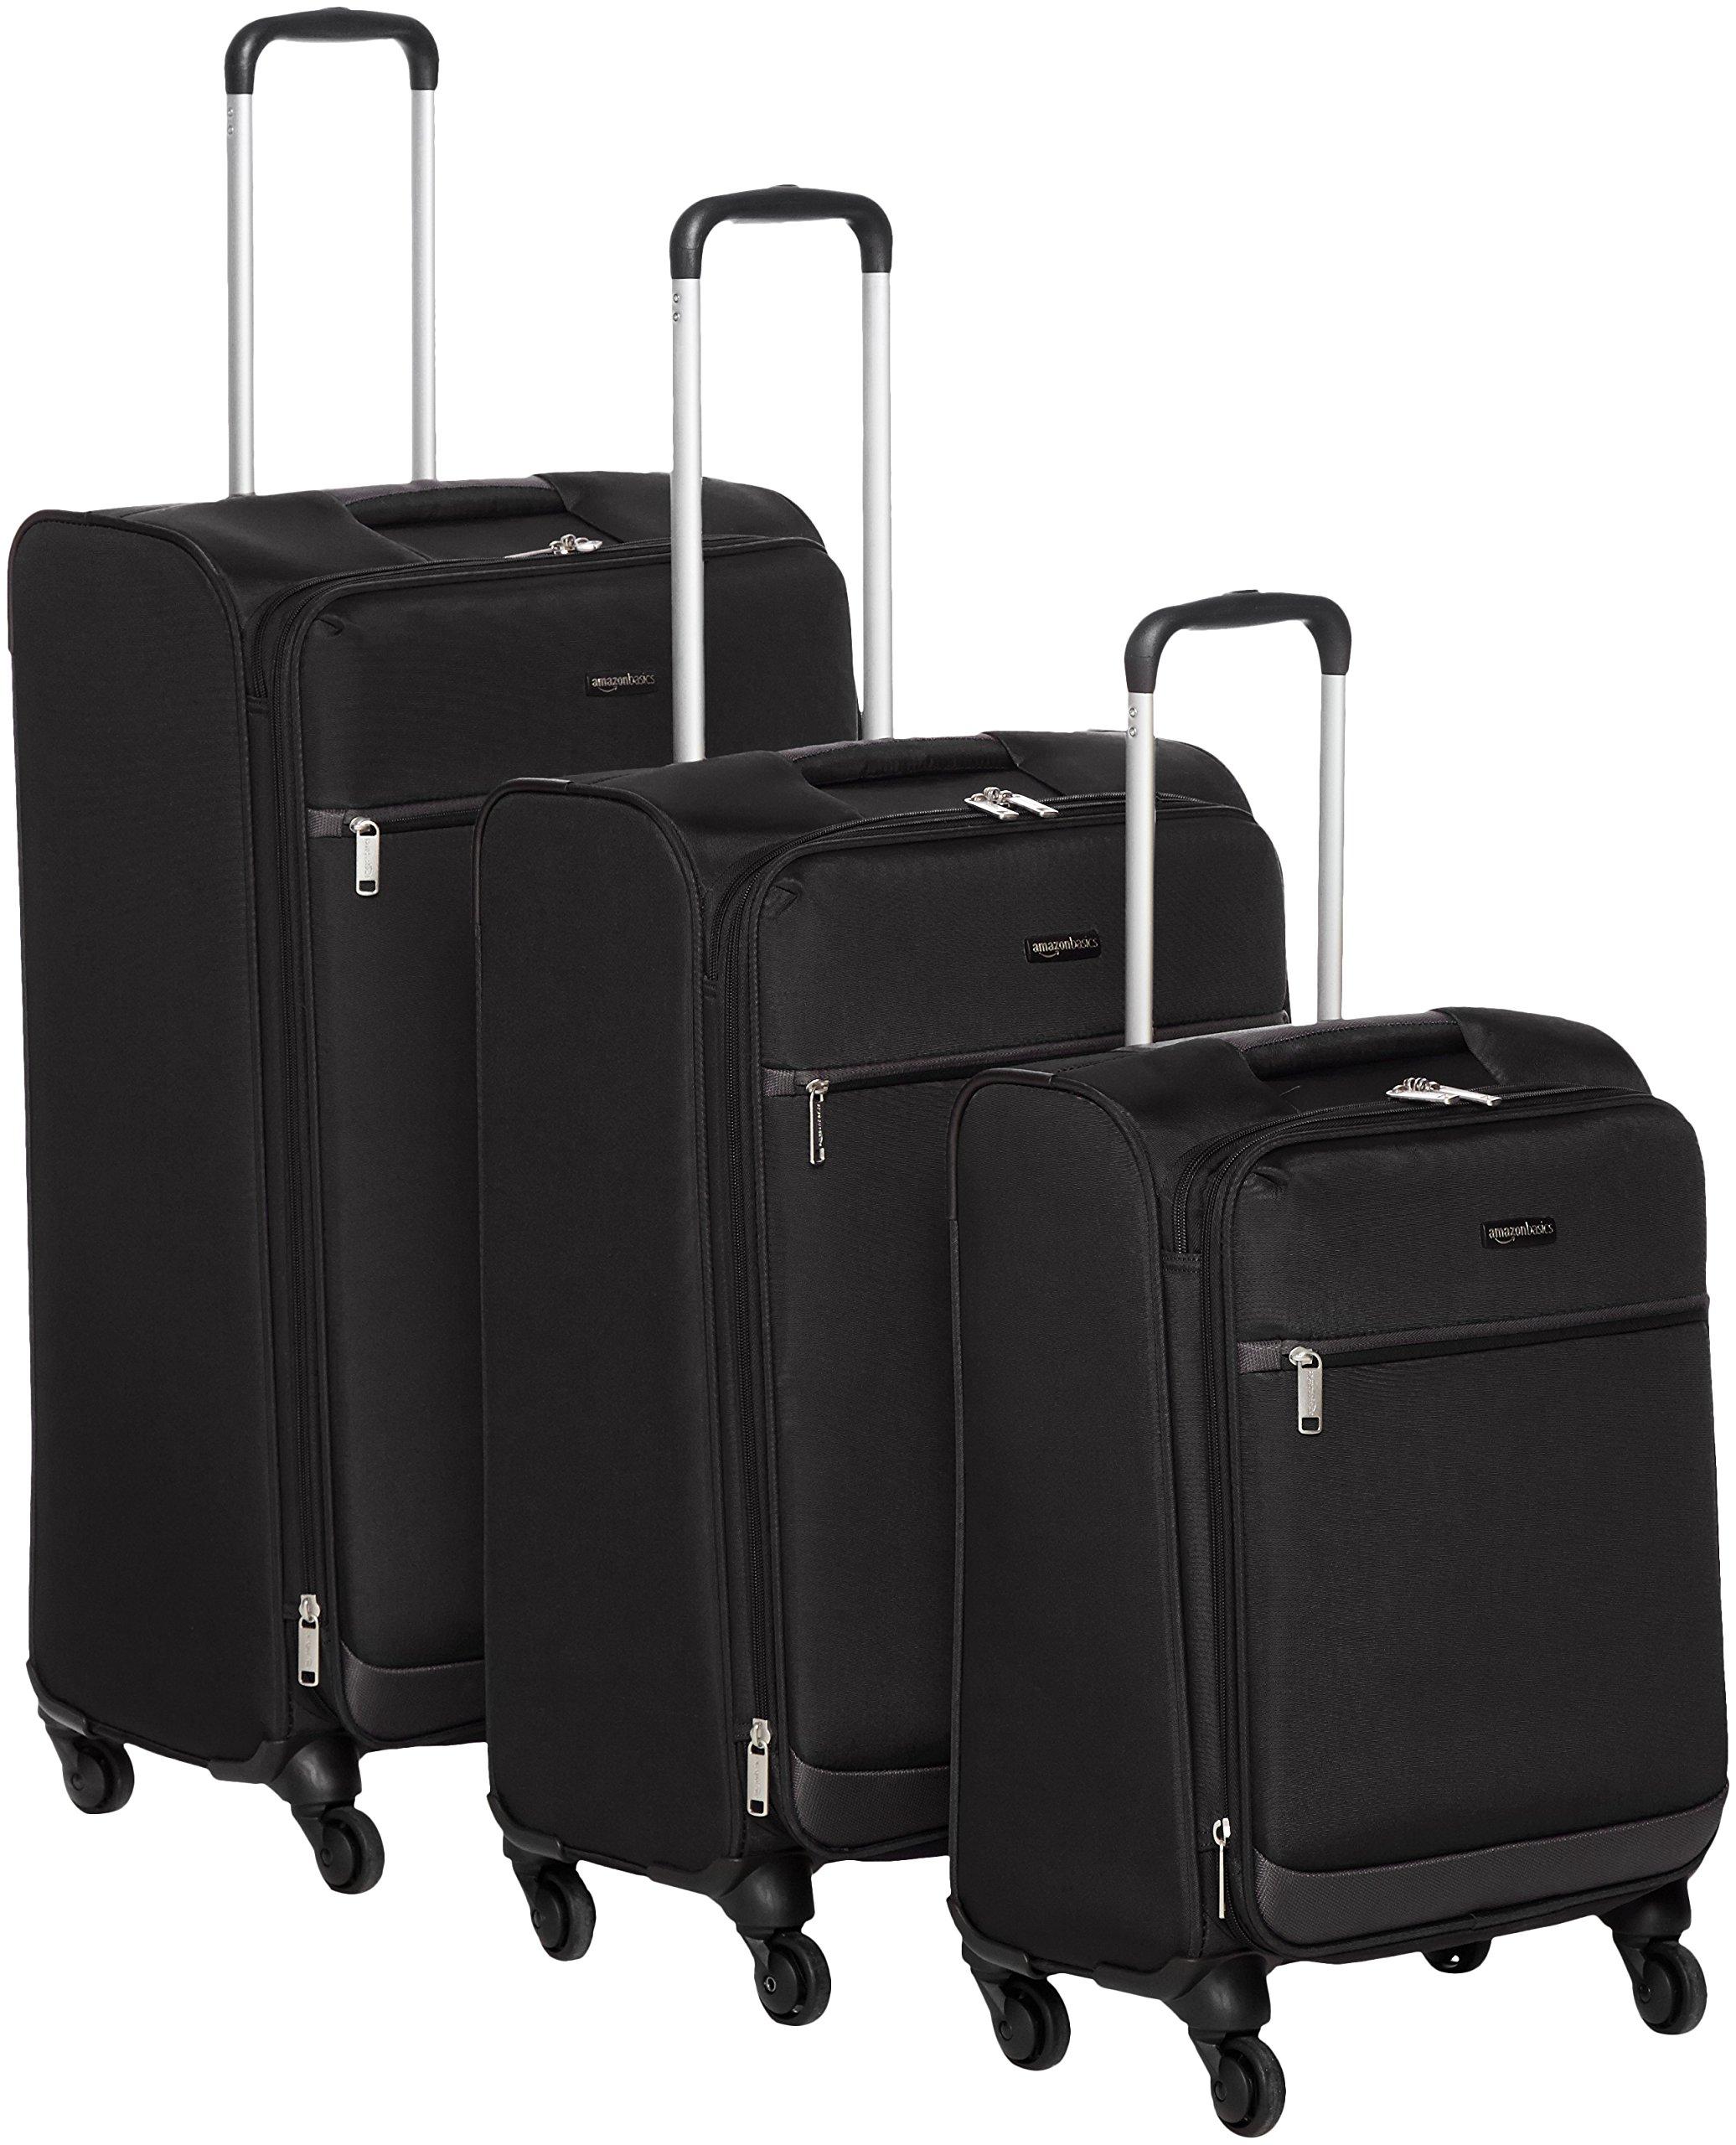 AmazonBasics Softside Spinner Luggage - 3 Piece Set (21'', 25'', 29''), Black